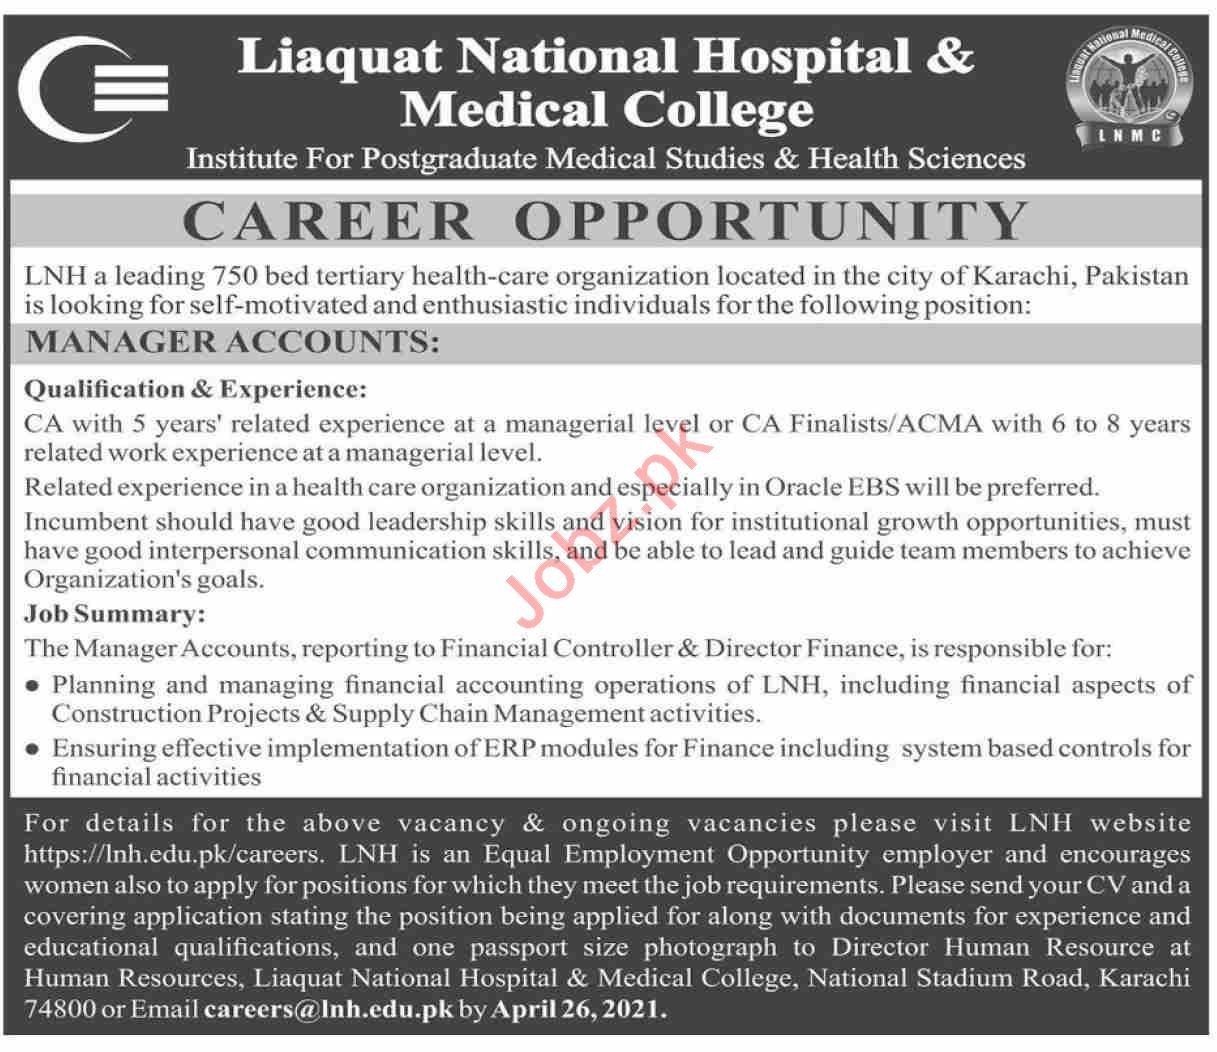 Liaquat National Hospital & Medical College Jobs 2021